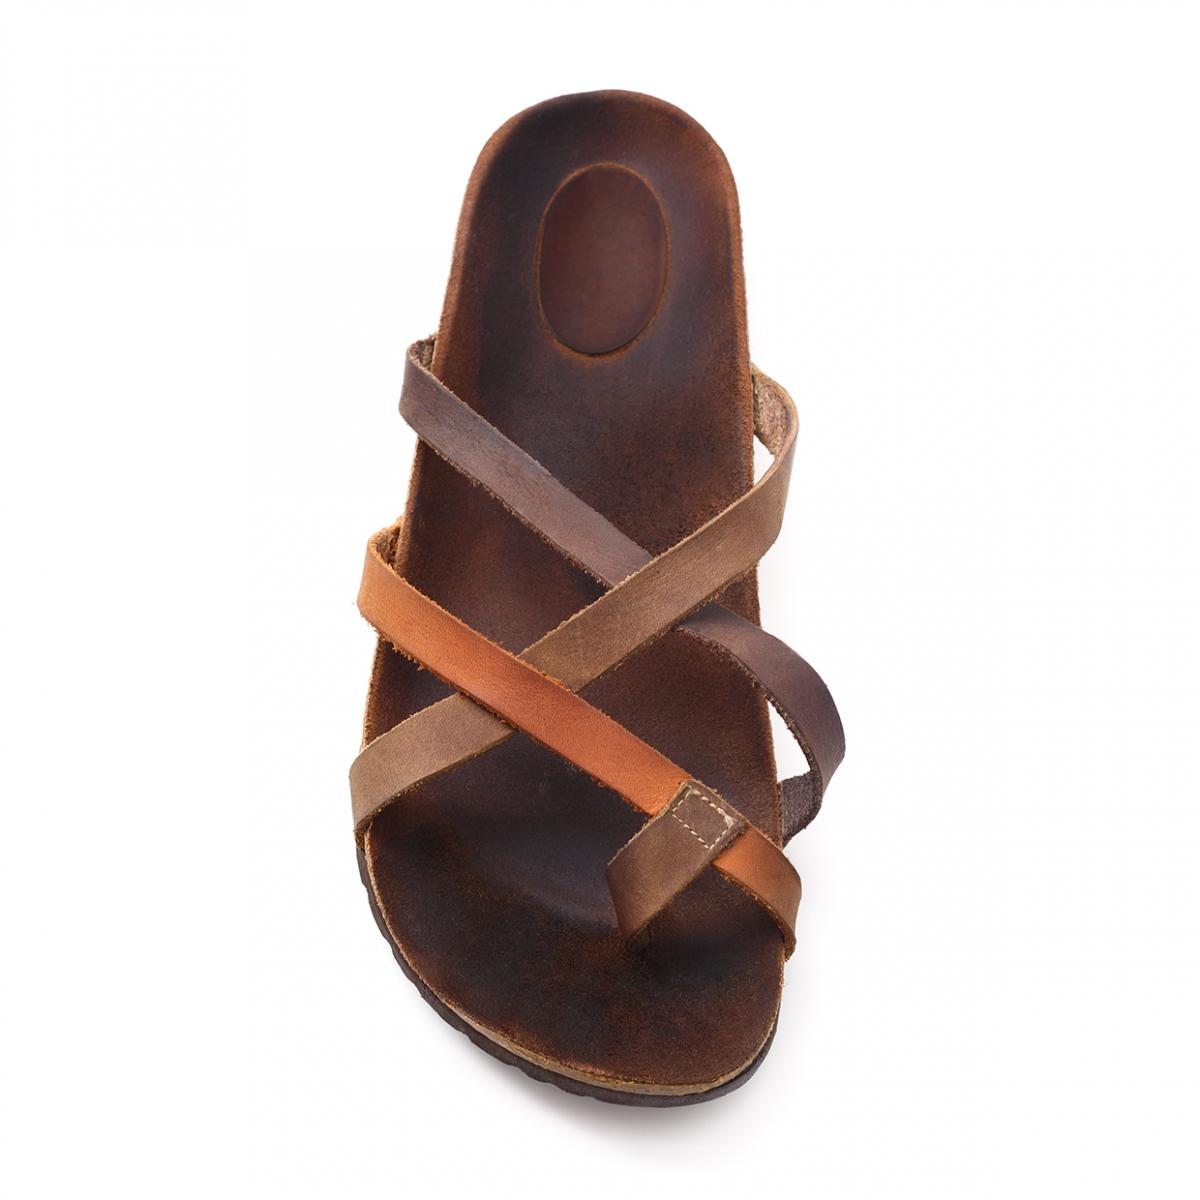 Imagen en la que se ve una sandalia